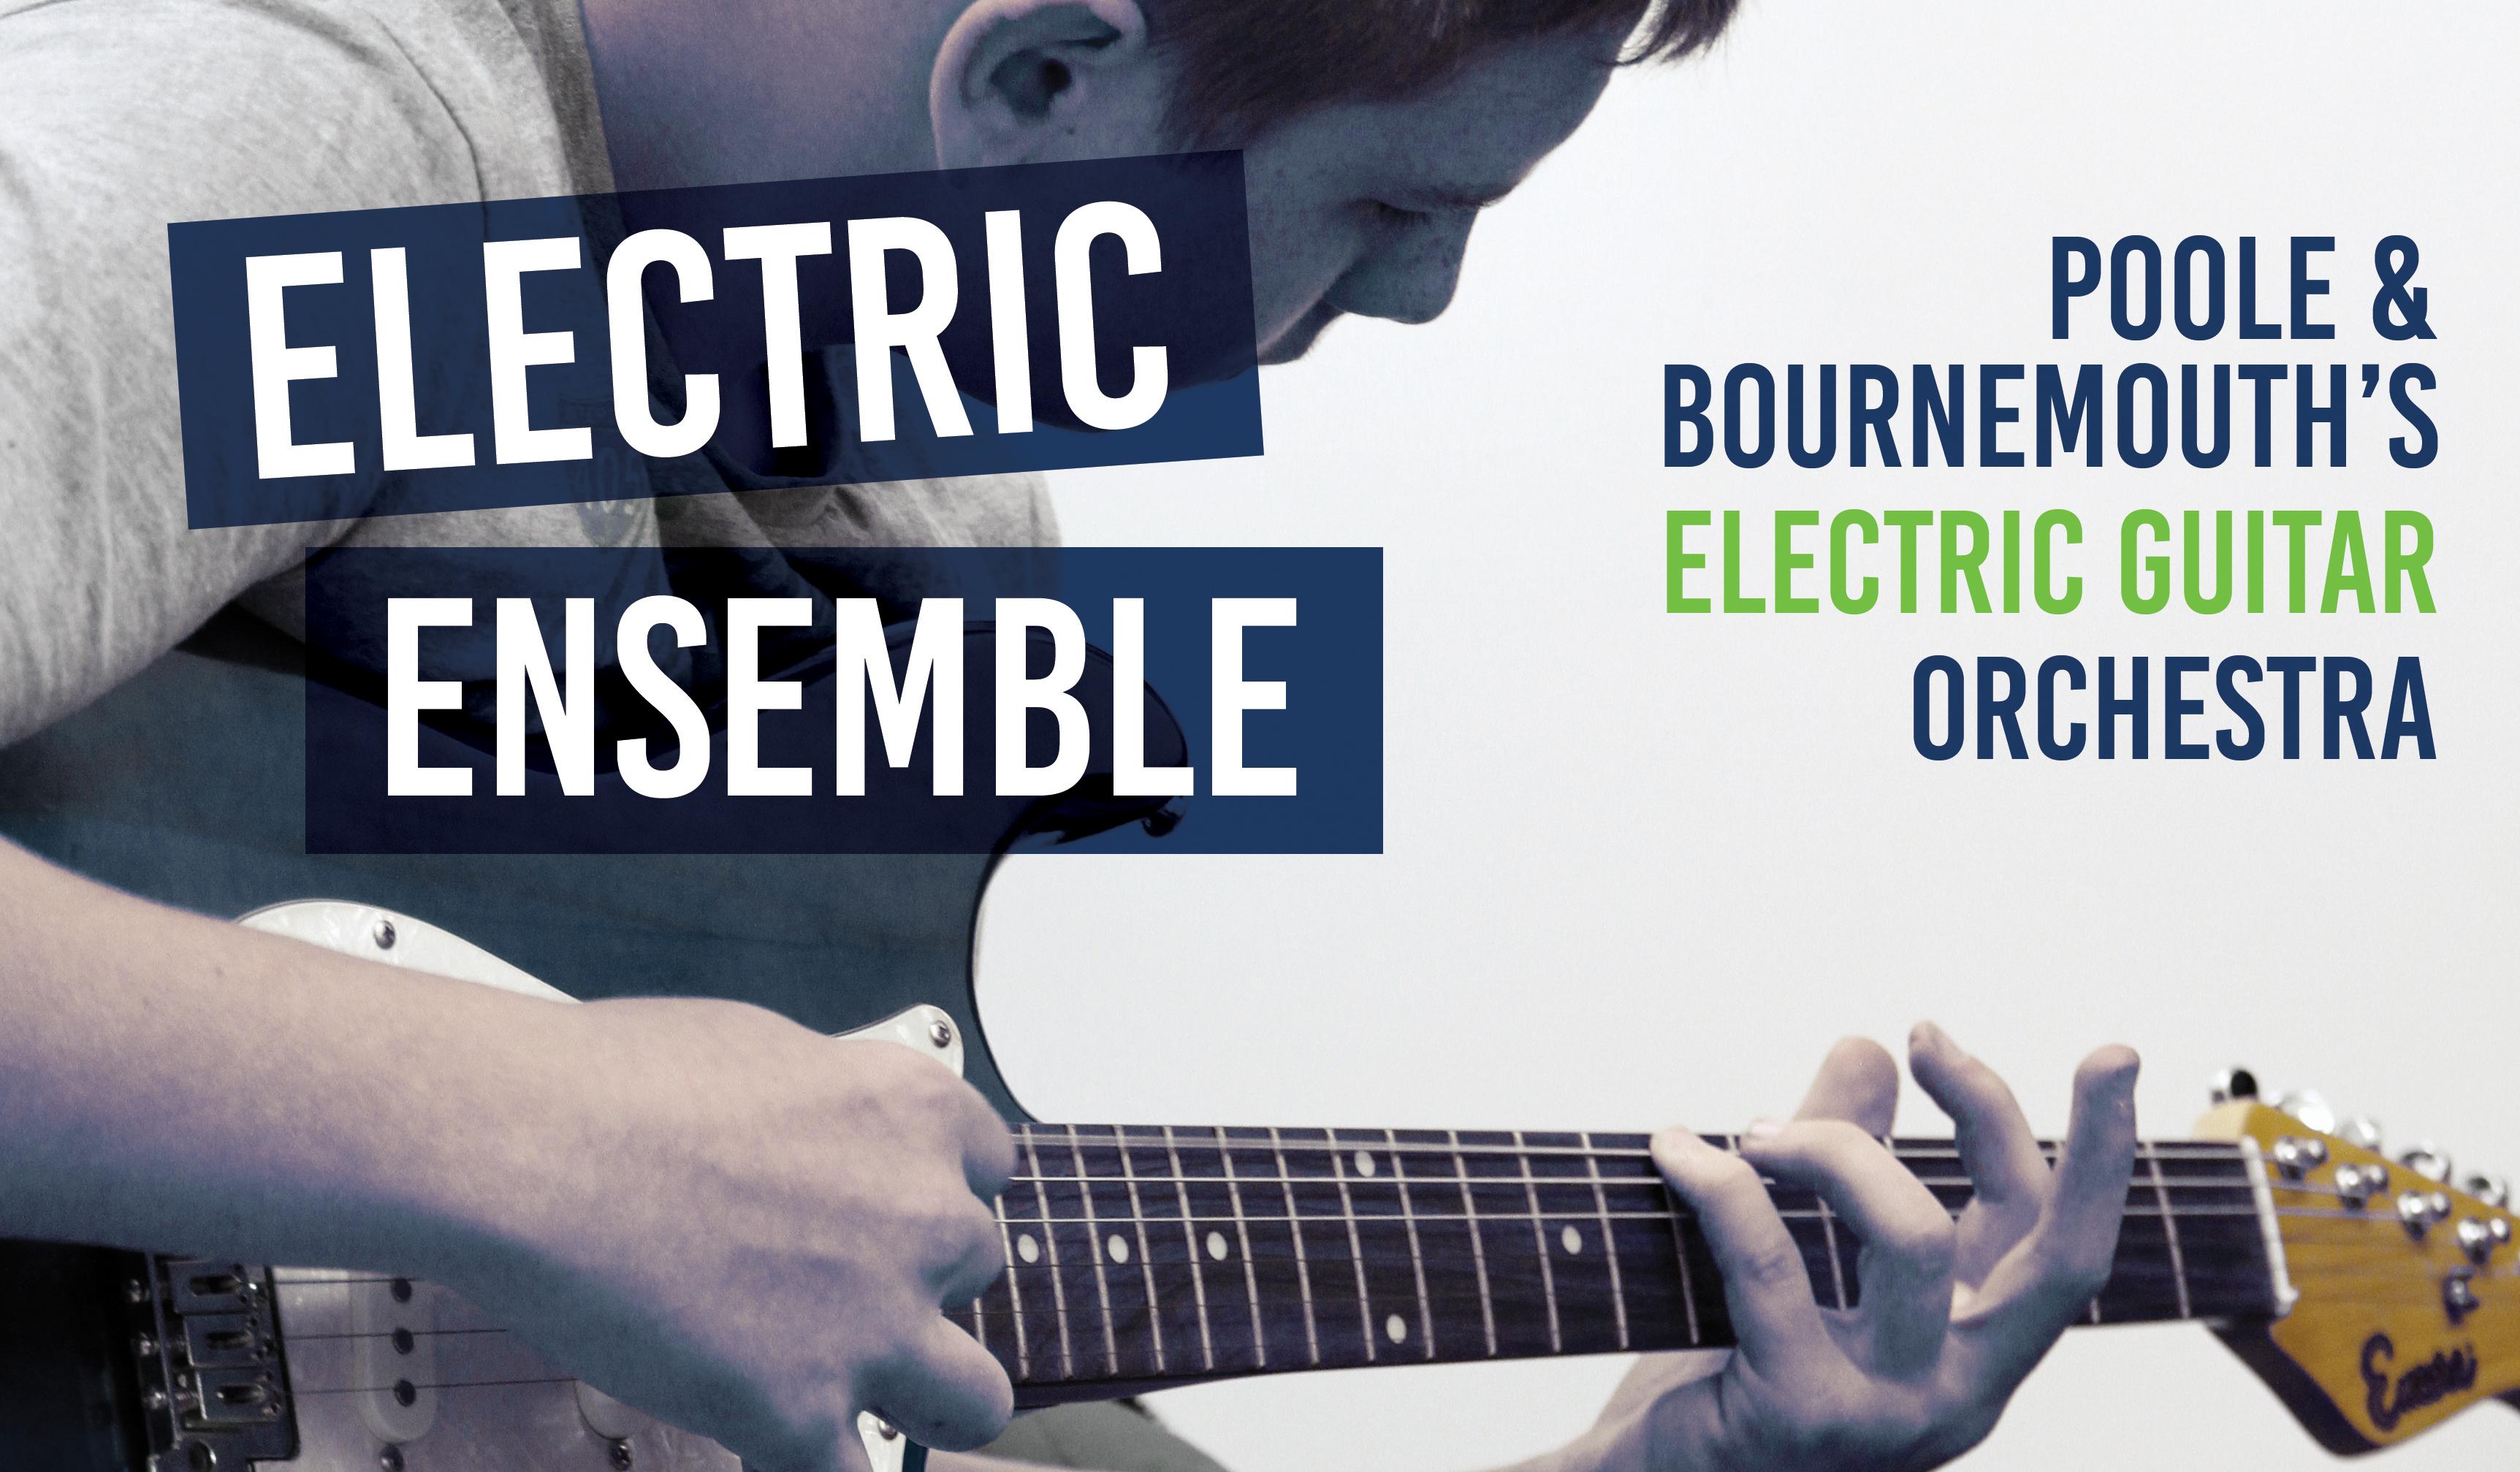 3675Electric Ensemble